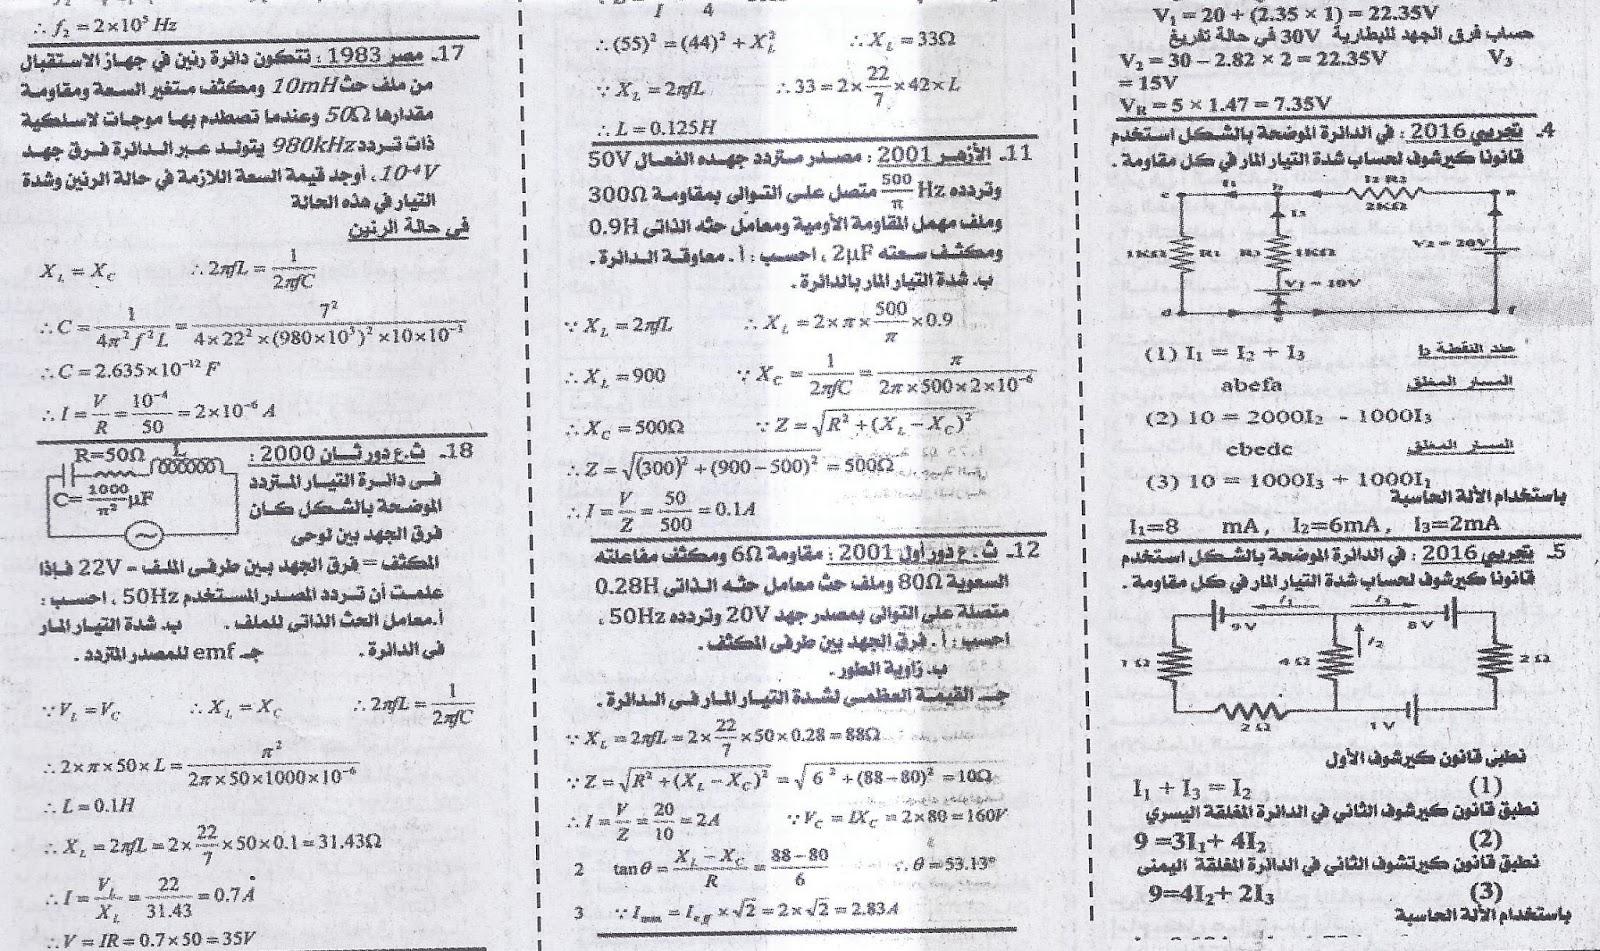 ننشر .. اخر مراجعة لامتحان الفيزياء (عربى ولغات) للثانوية العامة 2016  6